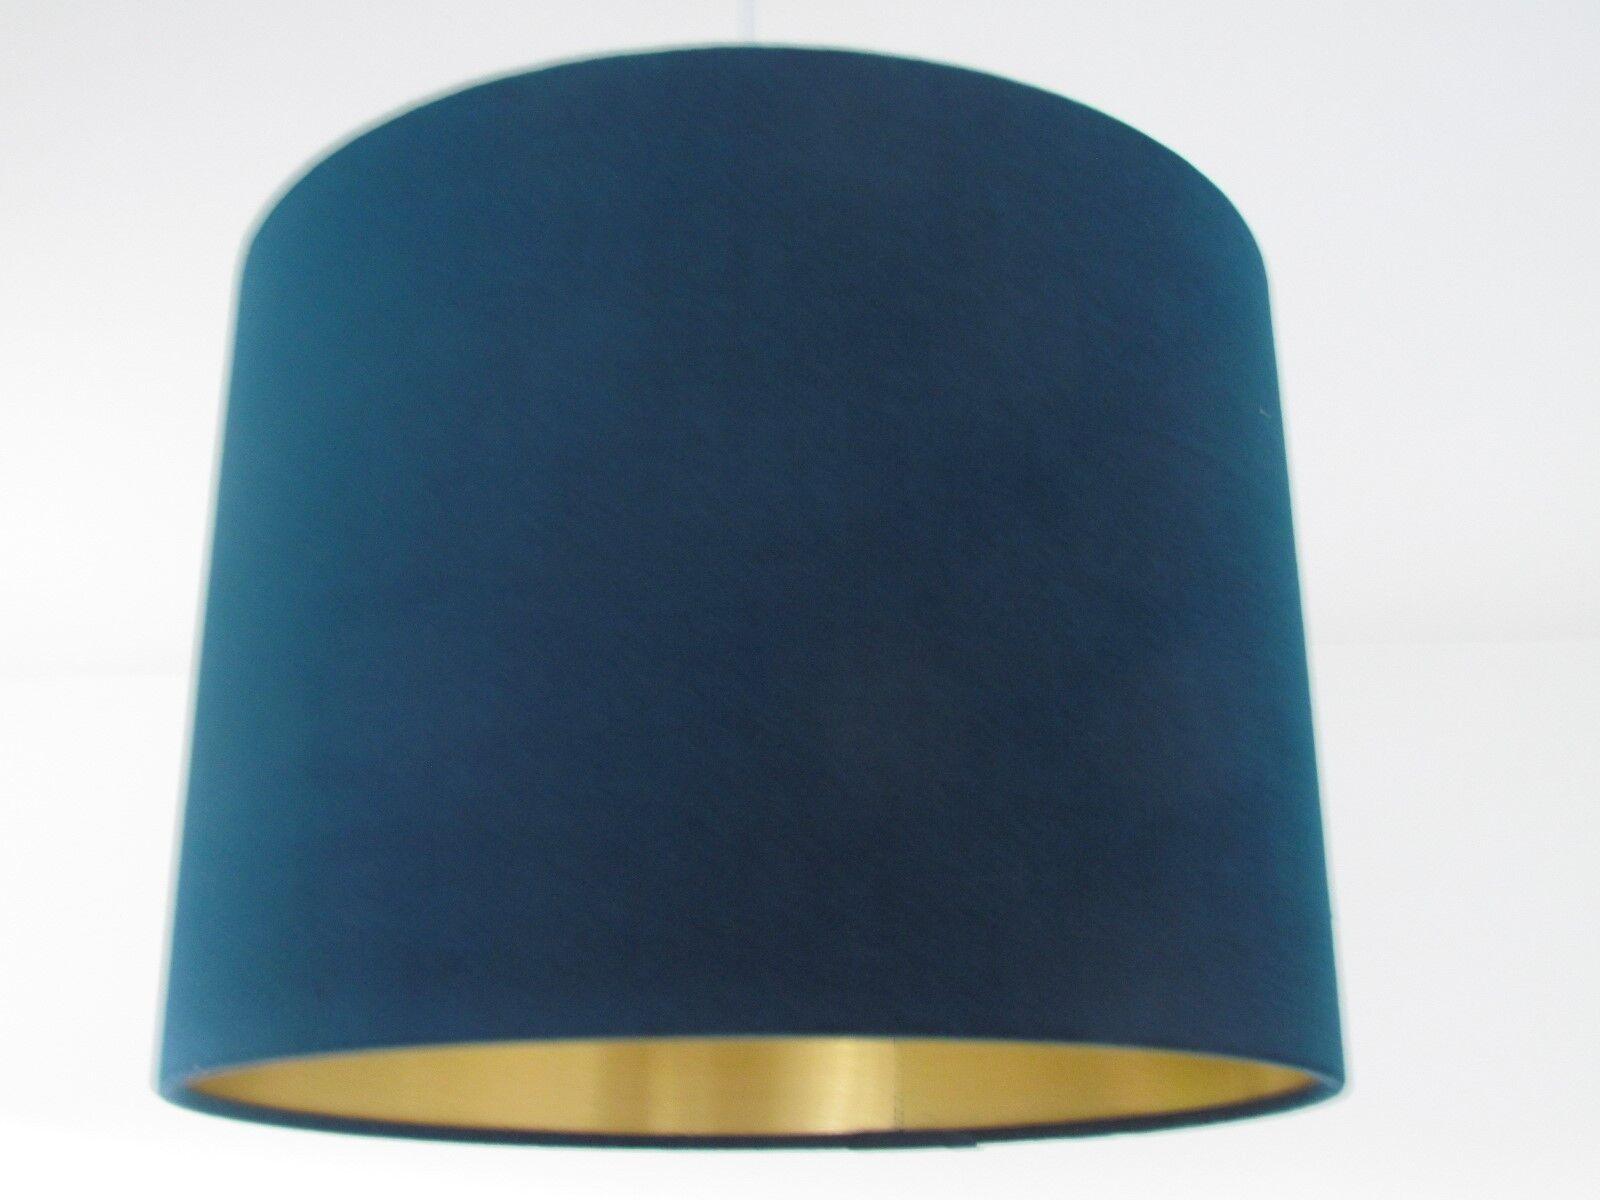 acquista online Fatto a mano colore colore colore foglia di tè blu velluto Rame oro argentoo Metallico Tamburo Paralume Lightshade  nessun minimo